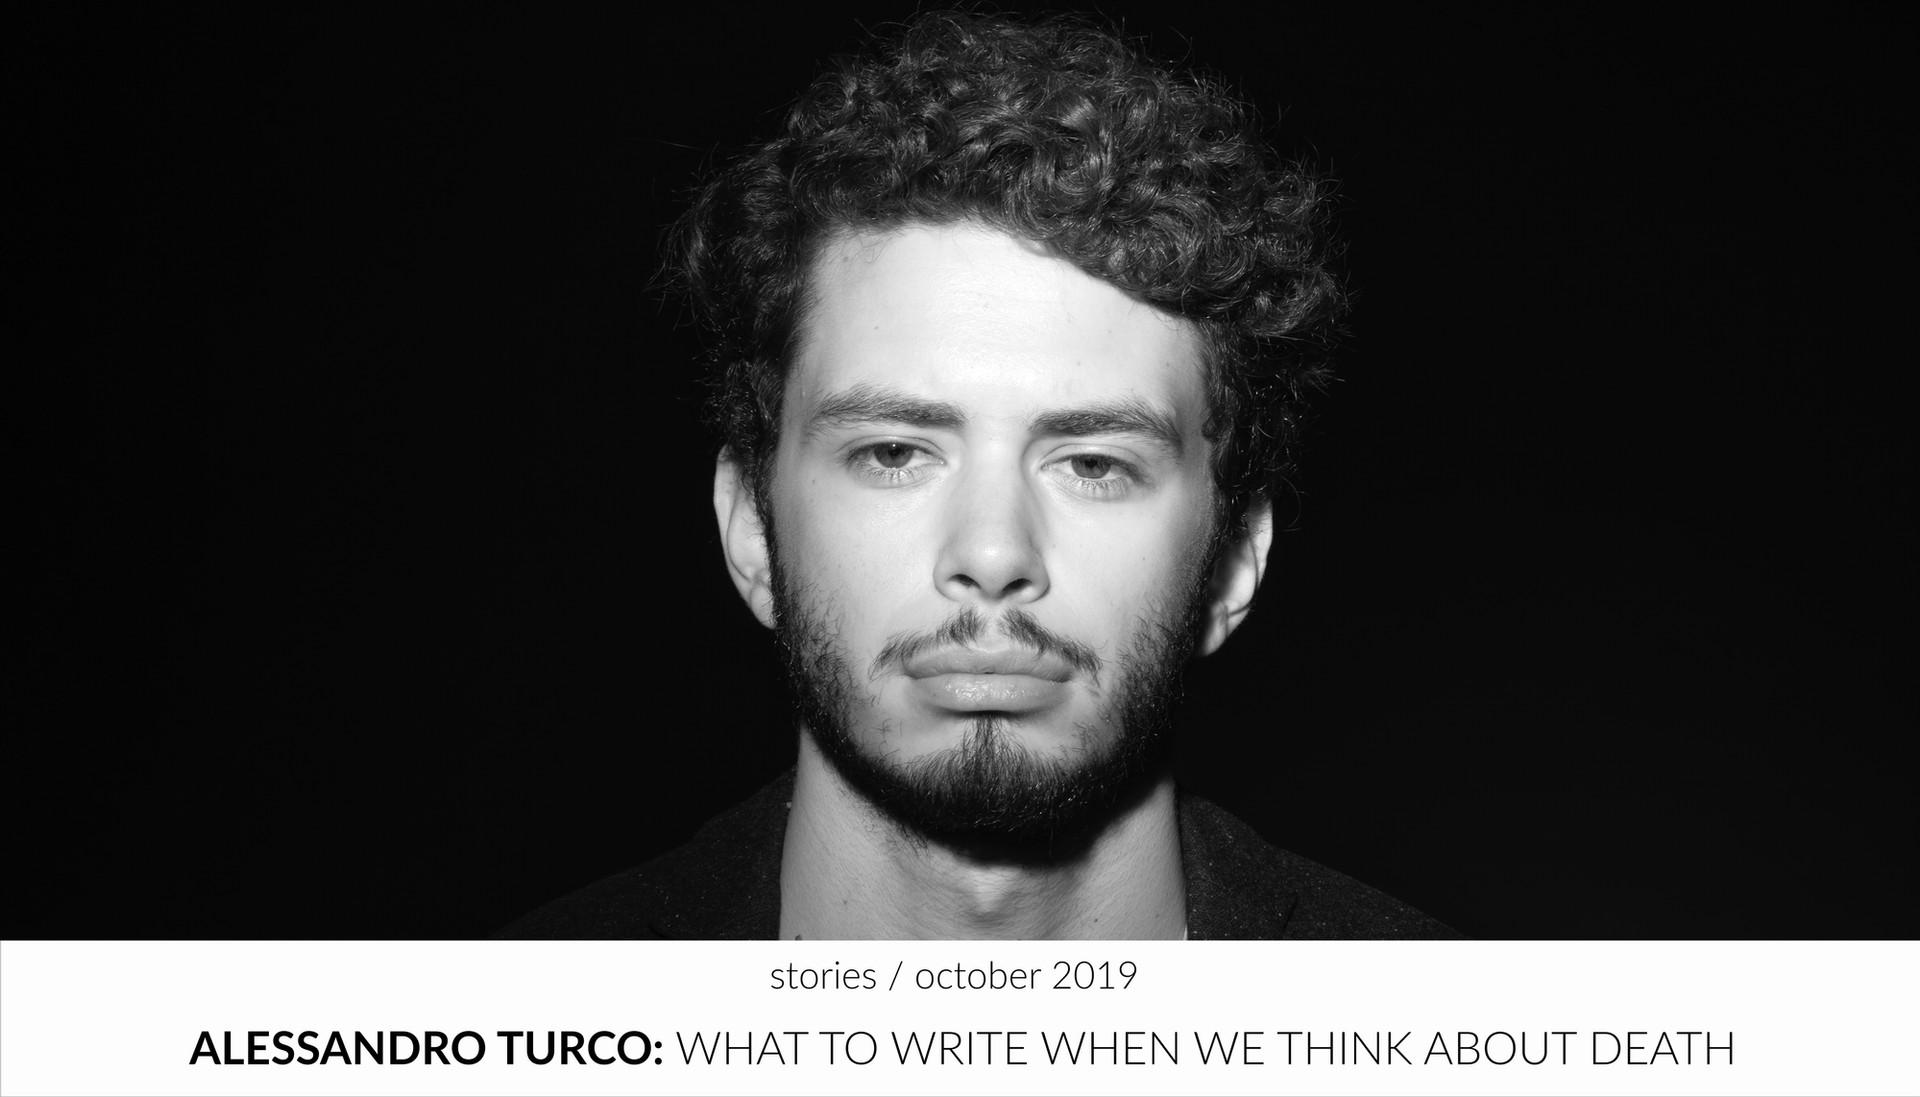 Alessandro Turco